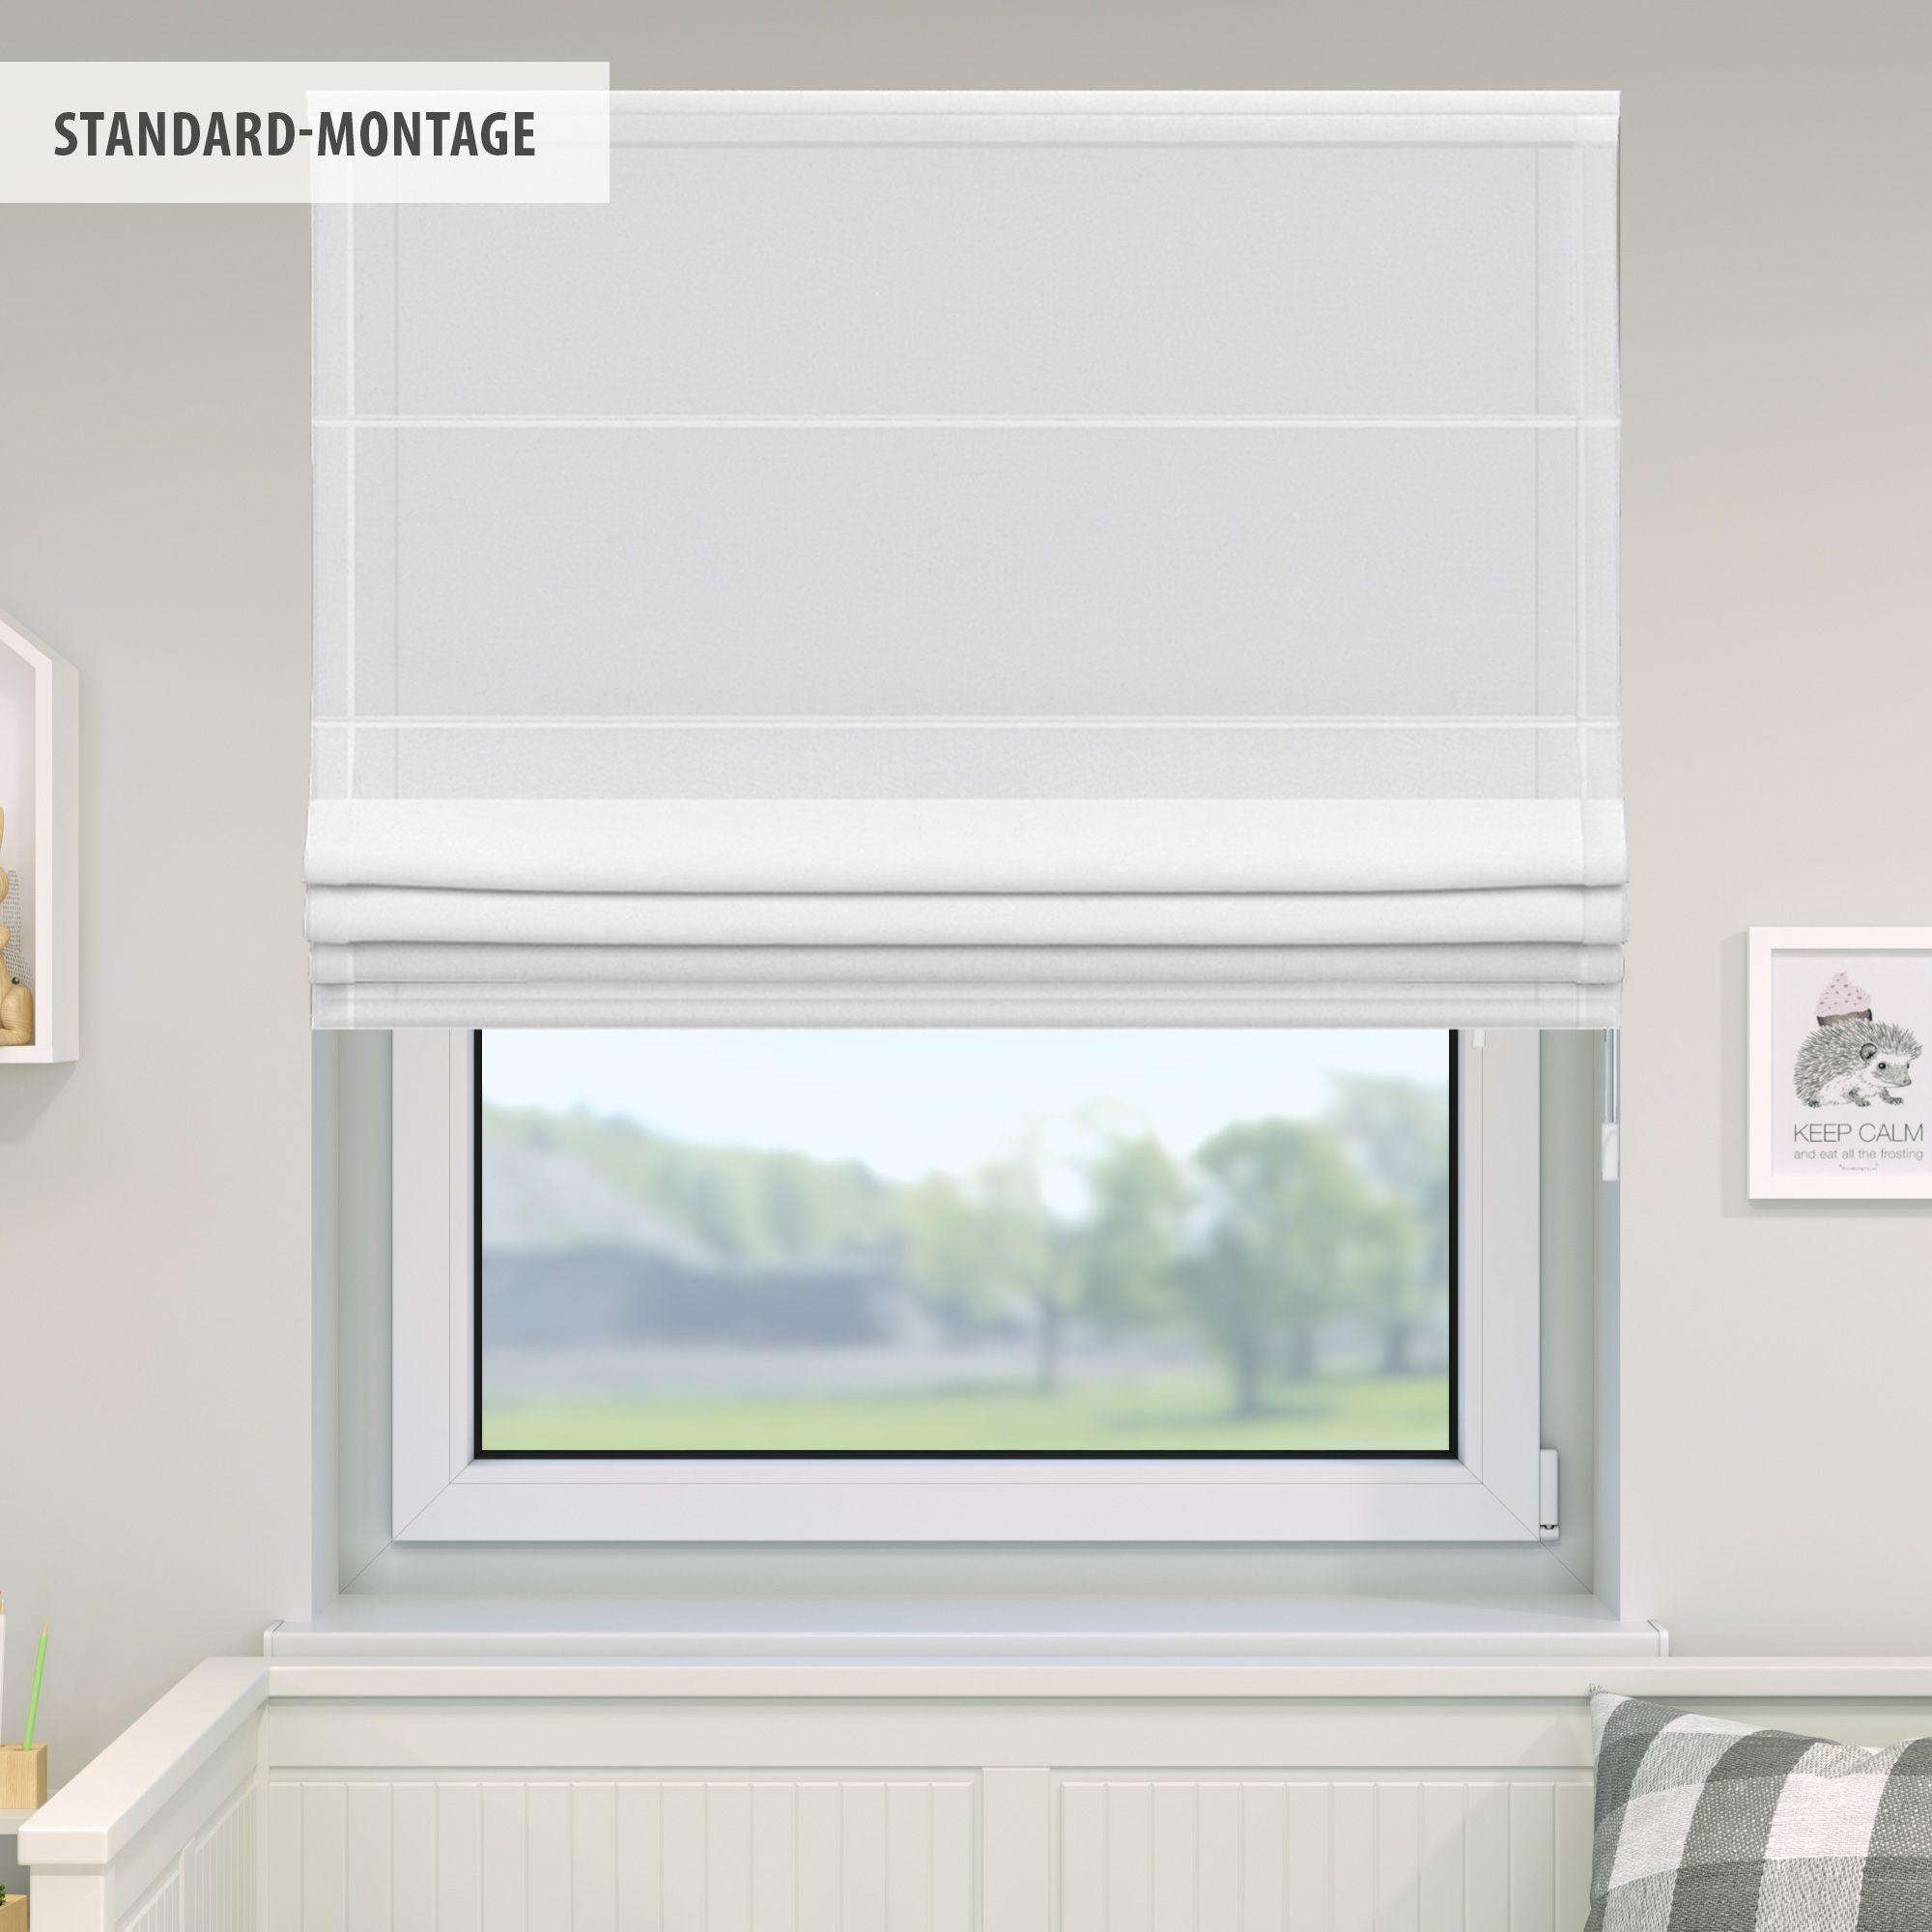 Victoria M Raffrollos Fur Fenster Seitenzug Rollo Faltrollo Raffrollos Badezimmer Ohne Fenster Fensterrollos